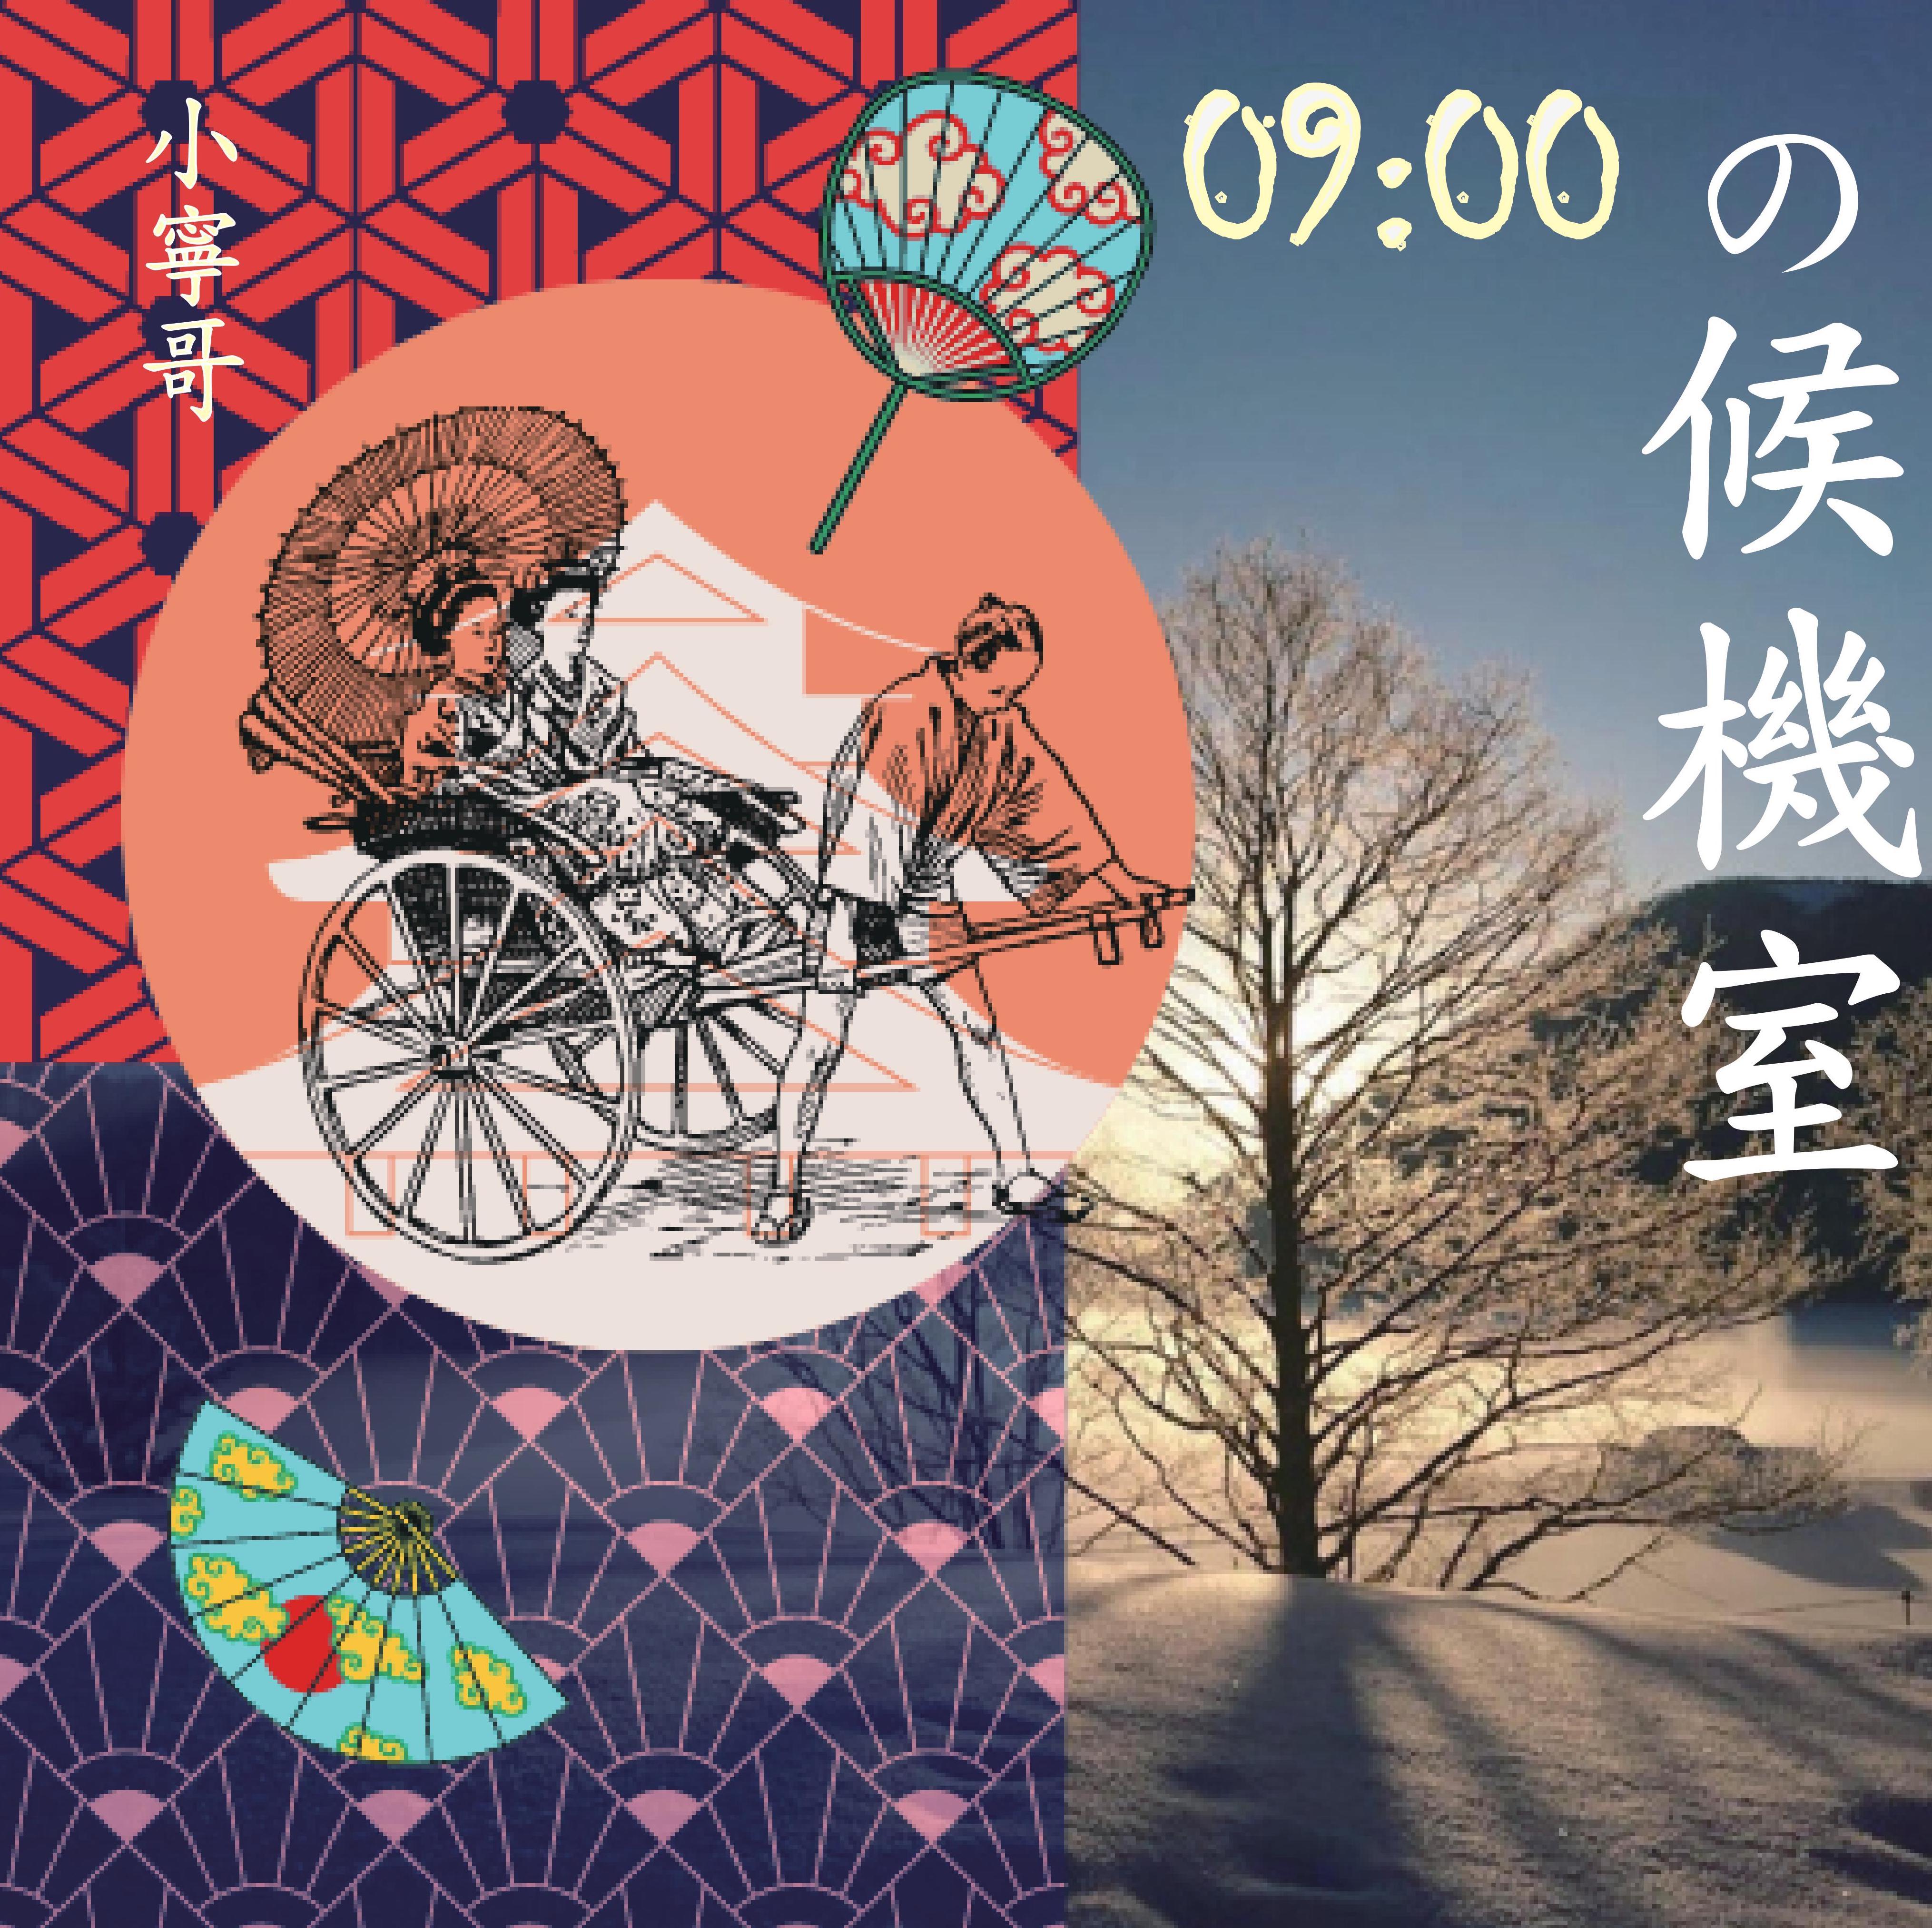 EP.18 [四都之旅]京都我來了!有去過円山公園嗎?京都必去景點花見小路、祇園---藝伎們的聚集之地,小寧哥帶您一探究竟!